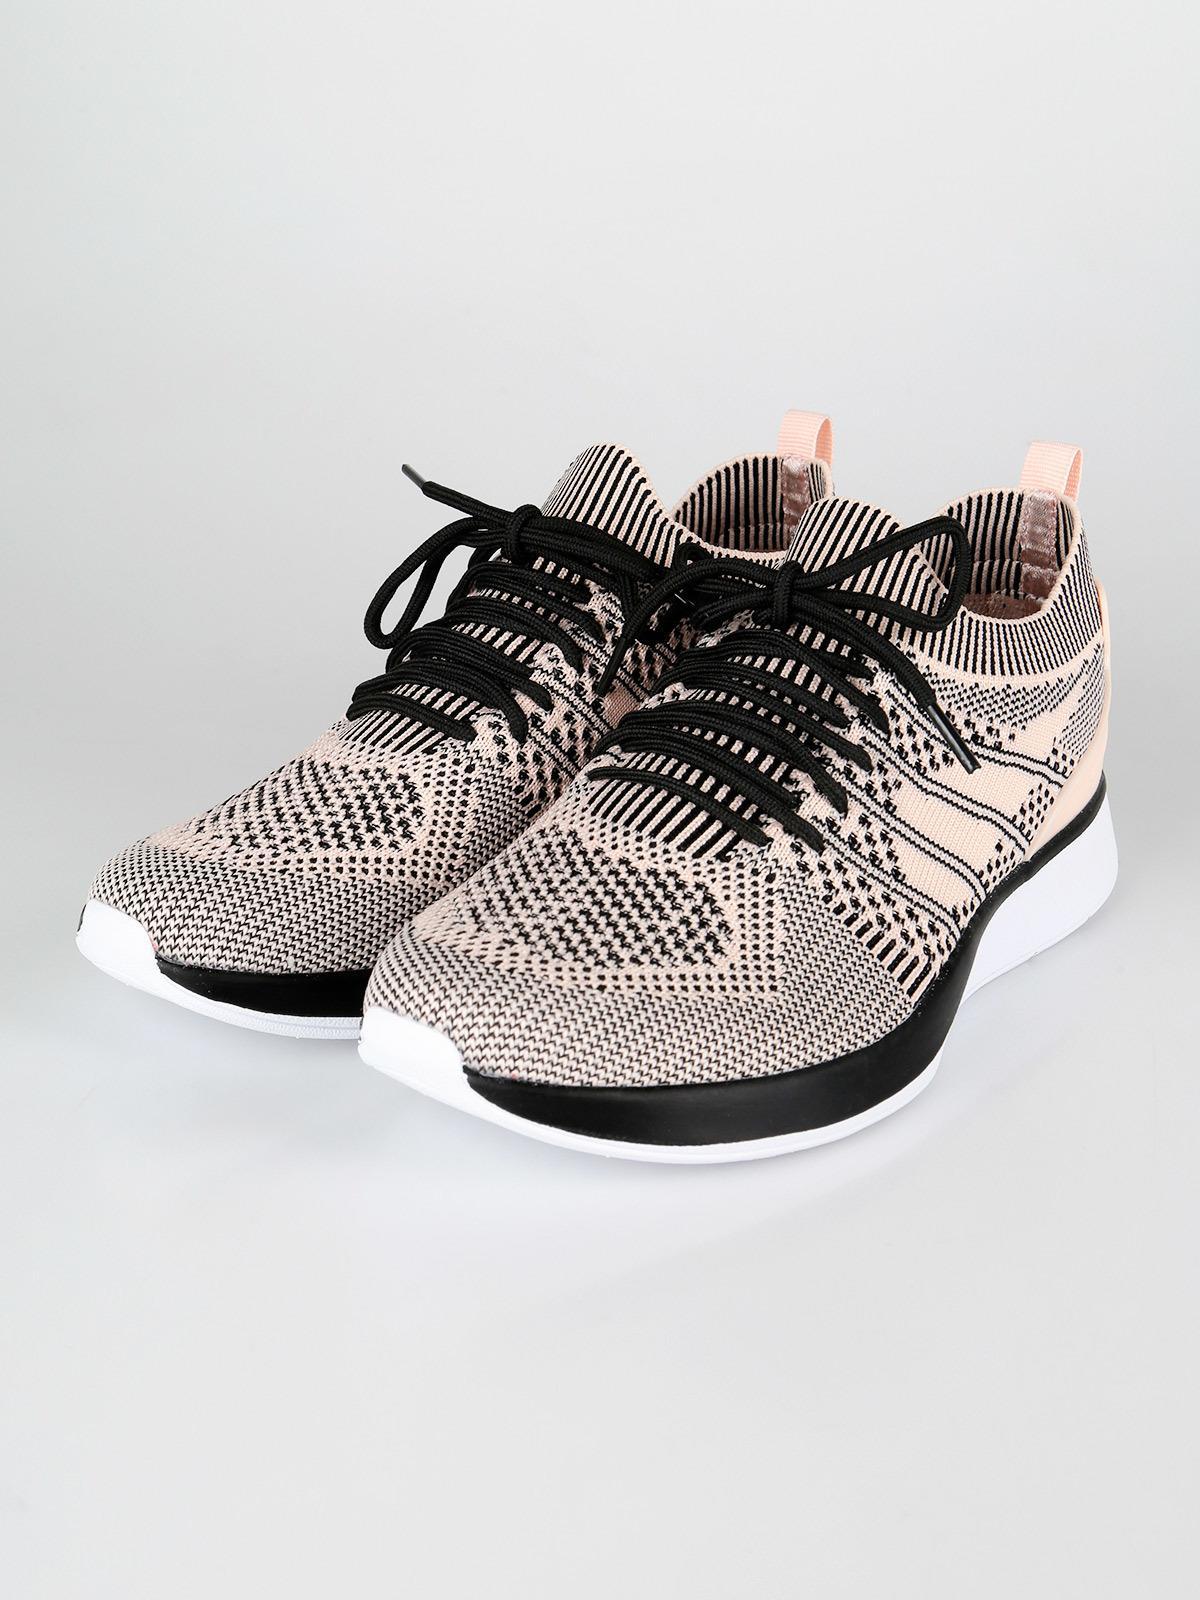 Scarpe 2018 negozio online nuova versione mecshopping scarpe